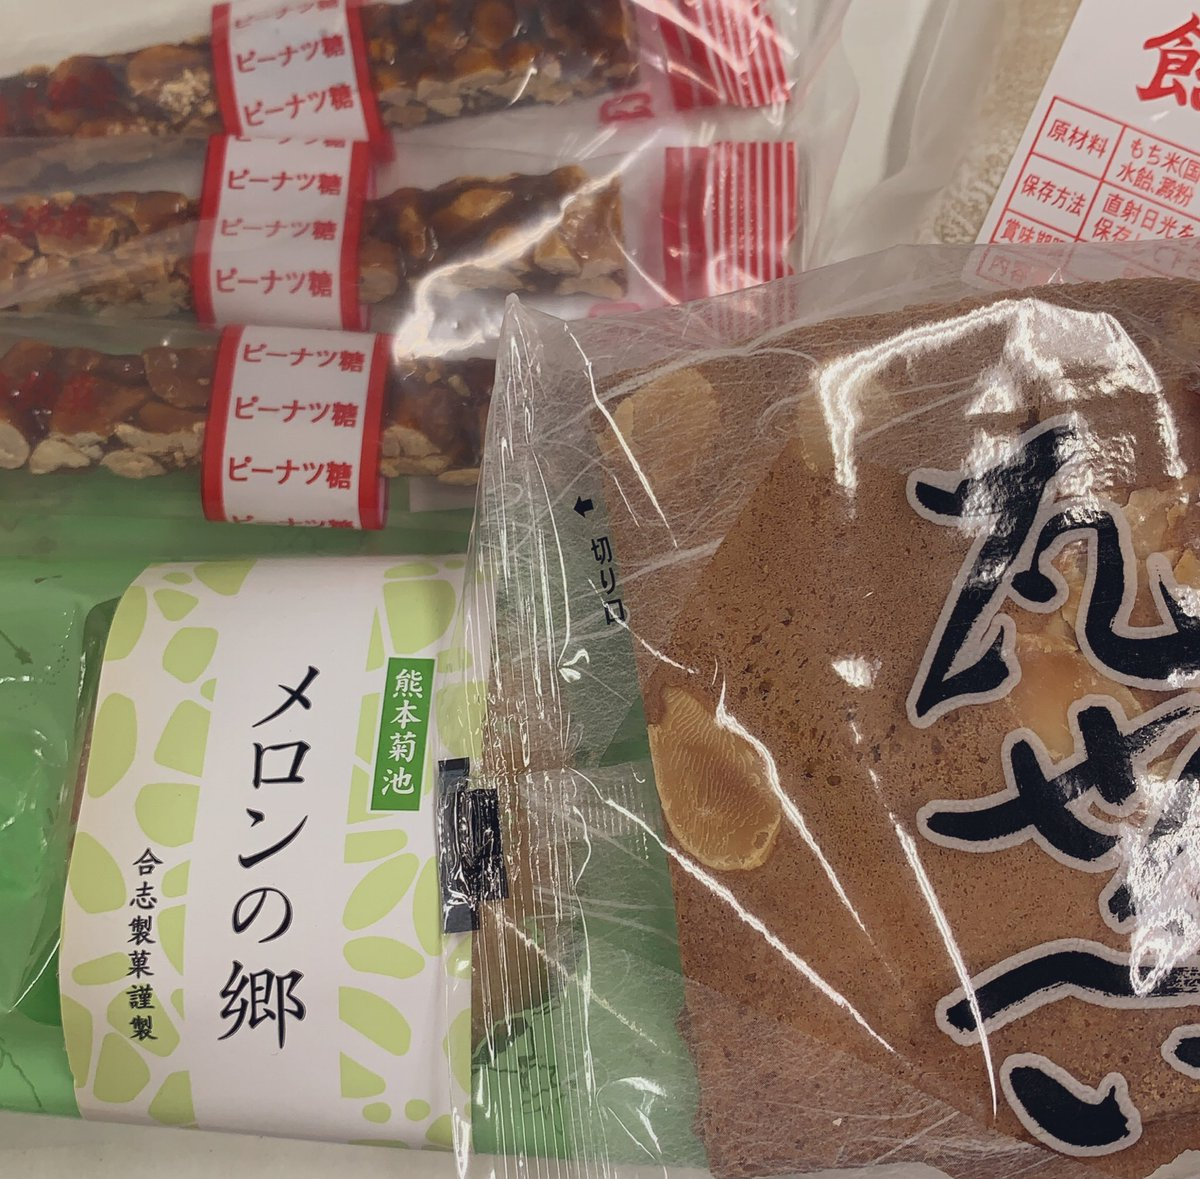 test ツイッターメディア - 熊本のお土産もらったのに黒糖ドーナツ棒とやらはついてなかった。 https://t.co/w1NV6l1mej